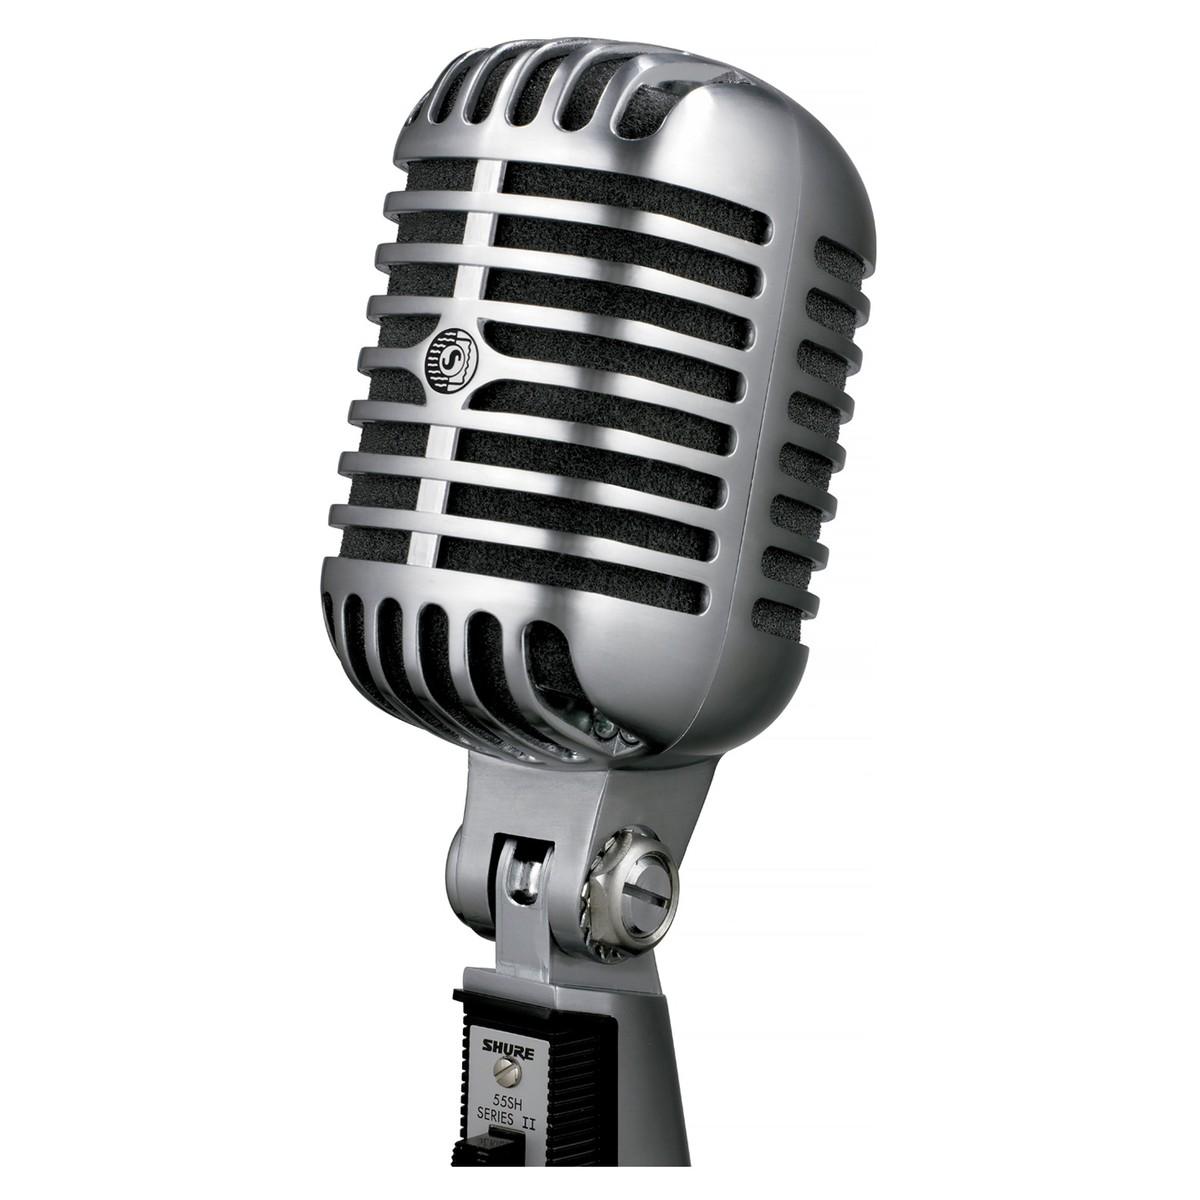 micrófono usb